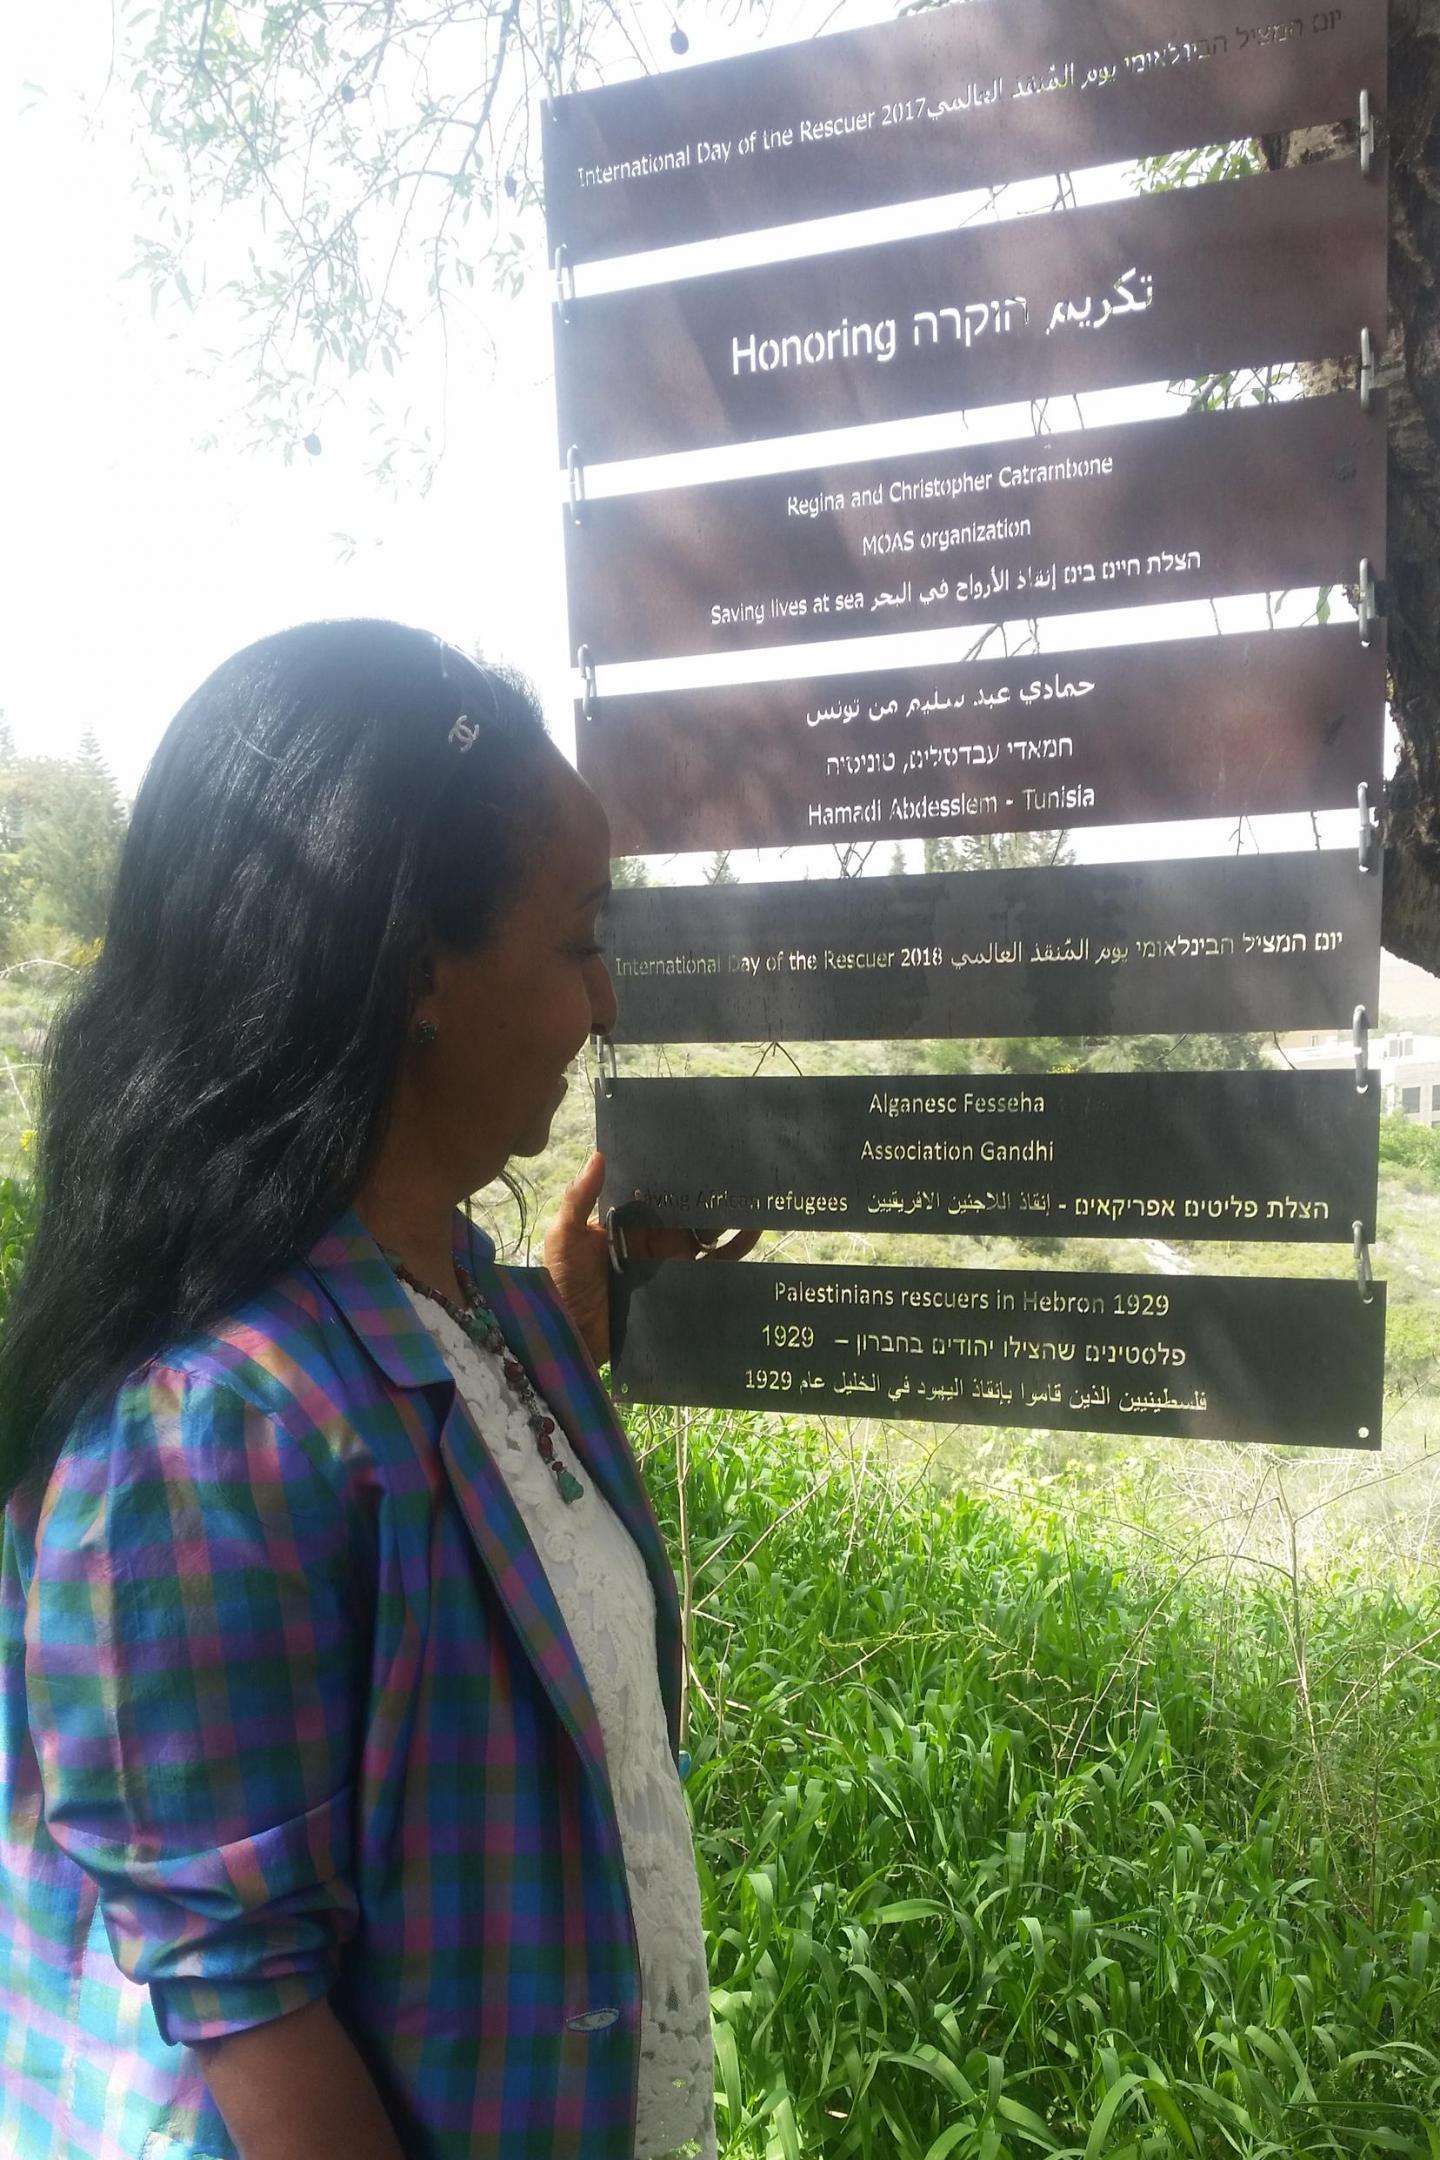 Alganesh Fesseha in front of her dedication plaque